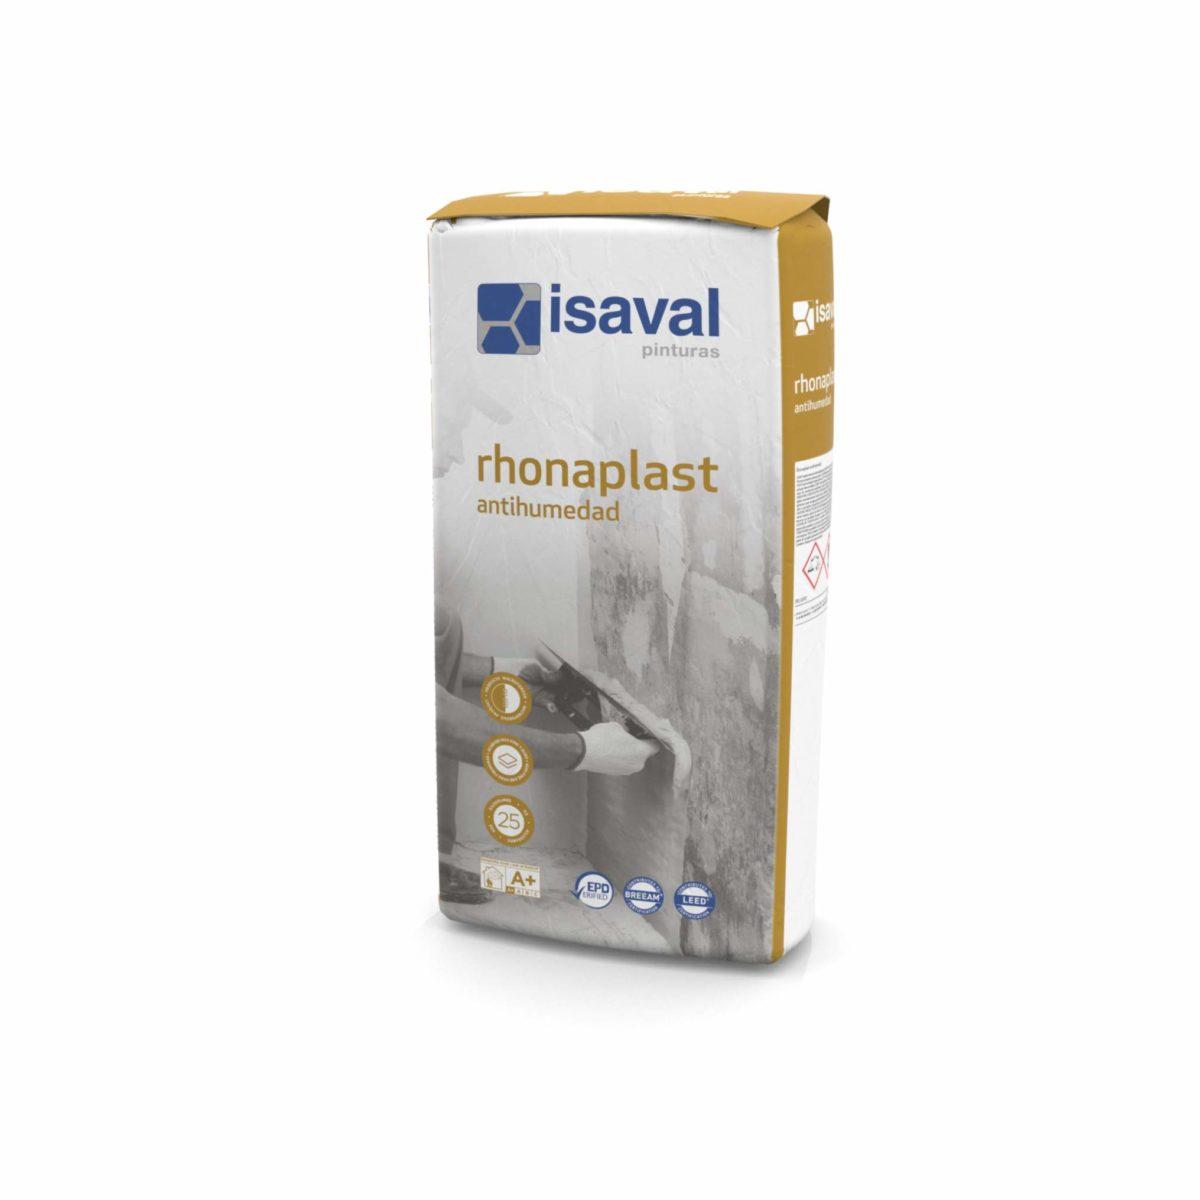 Rhonaplast Antihumedad. Enlucido para bloqueo humedad de Pinturas Isaval